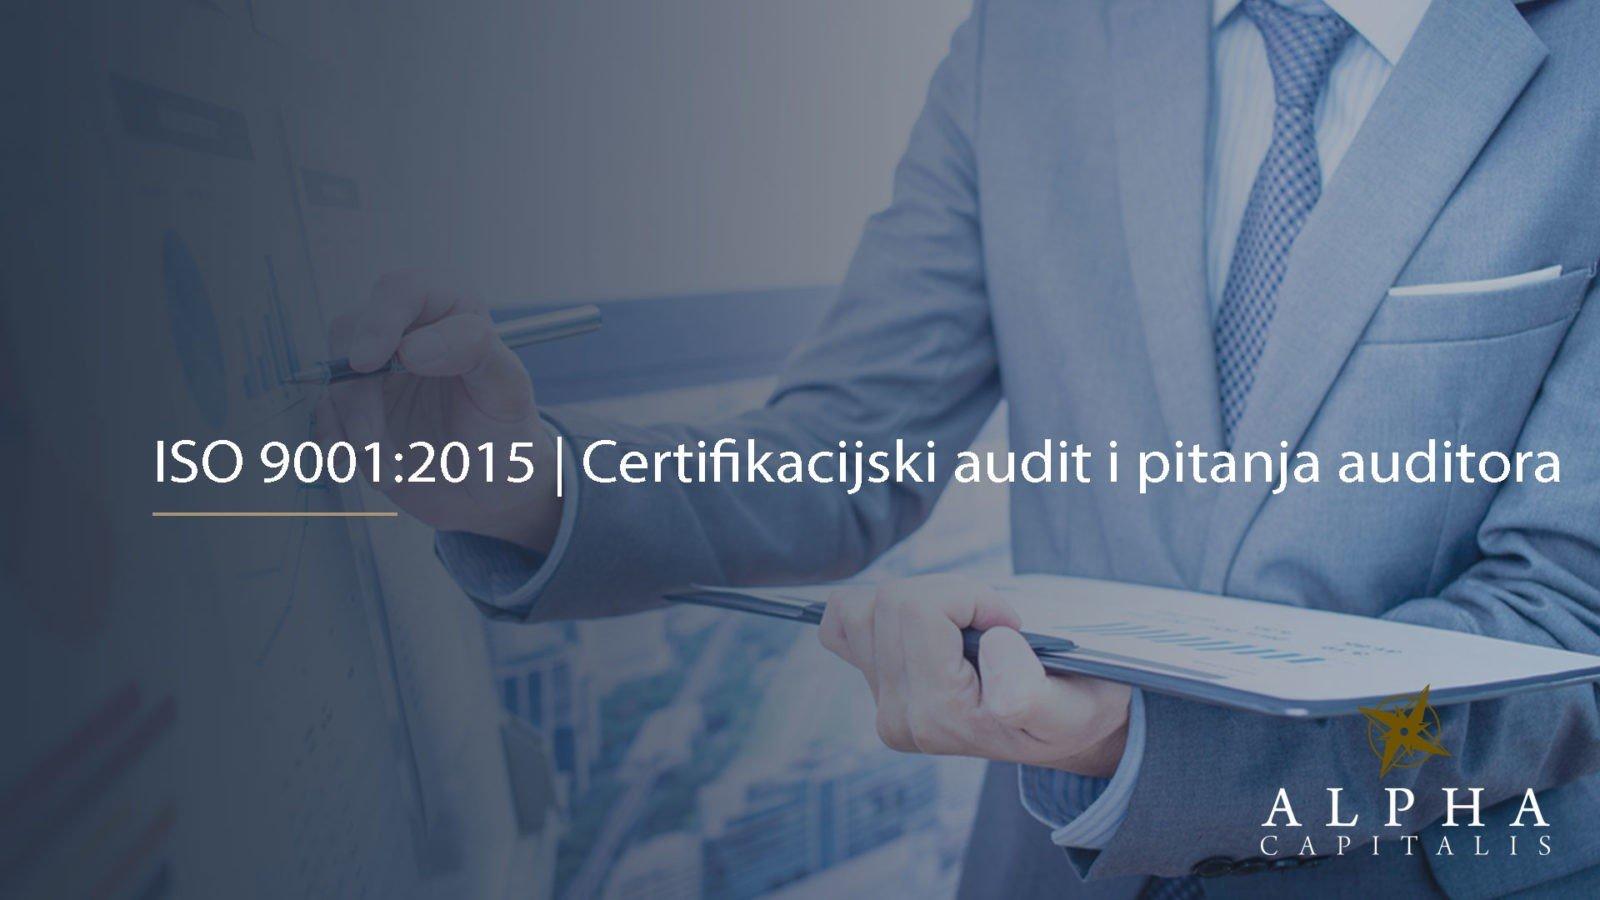 ISO pitanja auditora 2019 09 08 - Najčešća pitanja auditora prilikom certifikacijskog audita za ISO 9001:2015